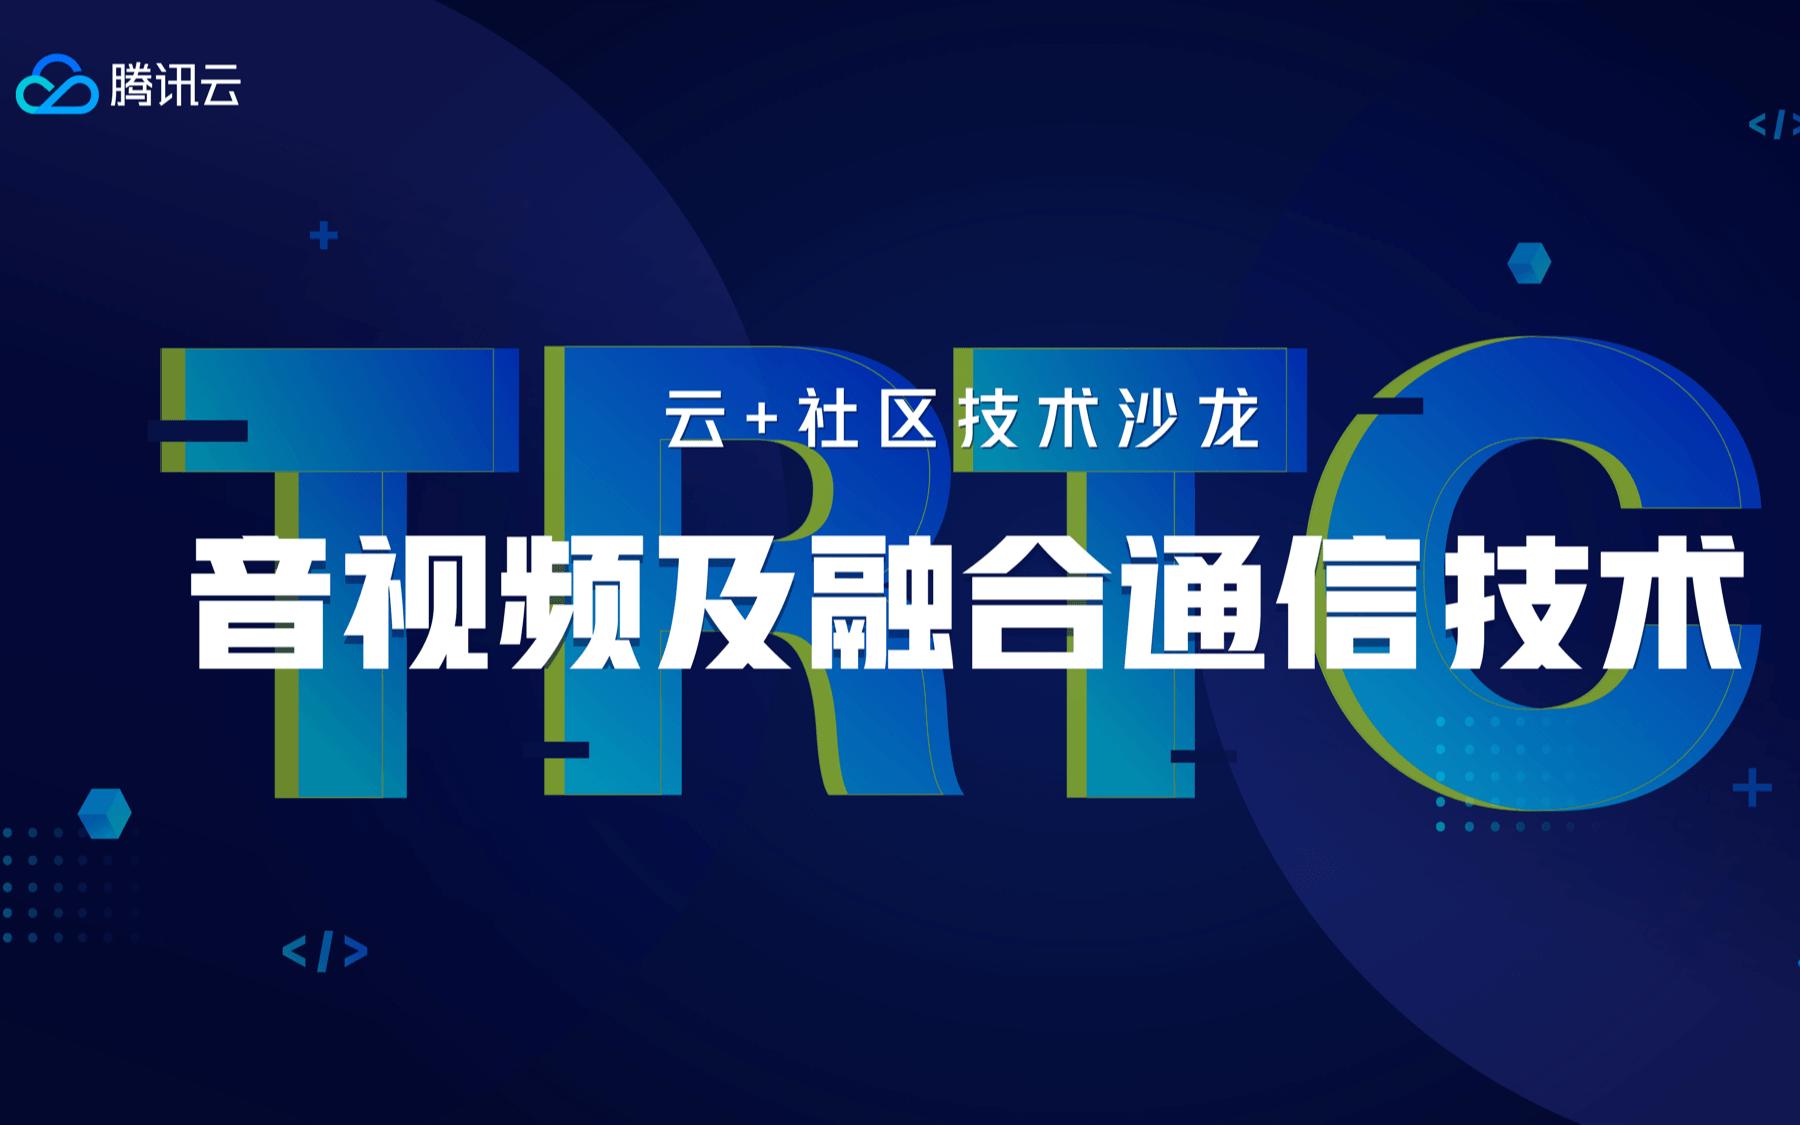 云+社区技术沙龙-音视频及融合通信技术2019(北京)